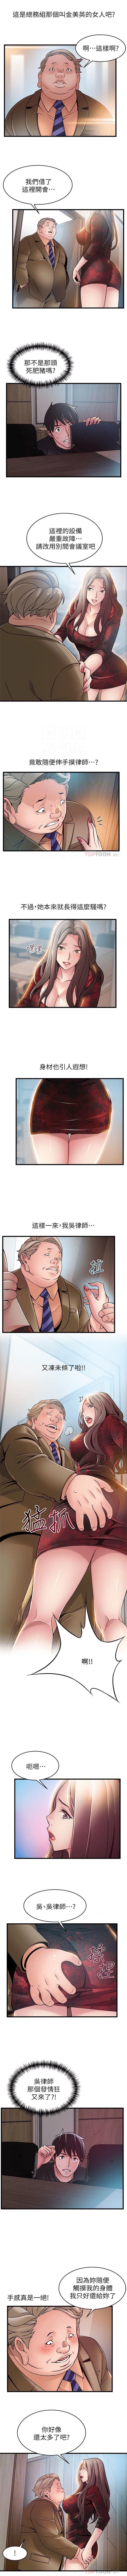 (週7)弱點 1-76 中文翻譯(更新中) 316